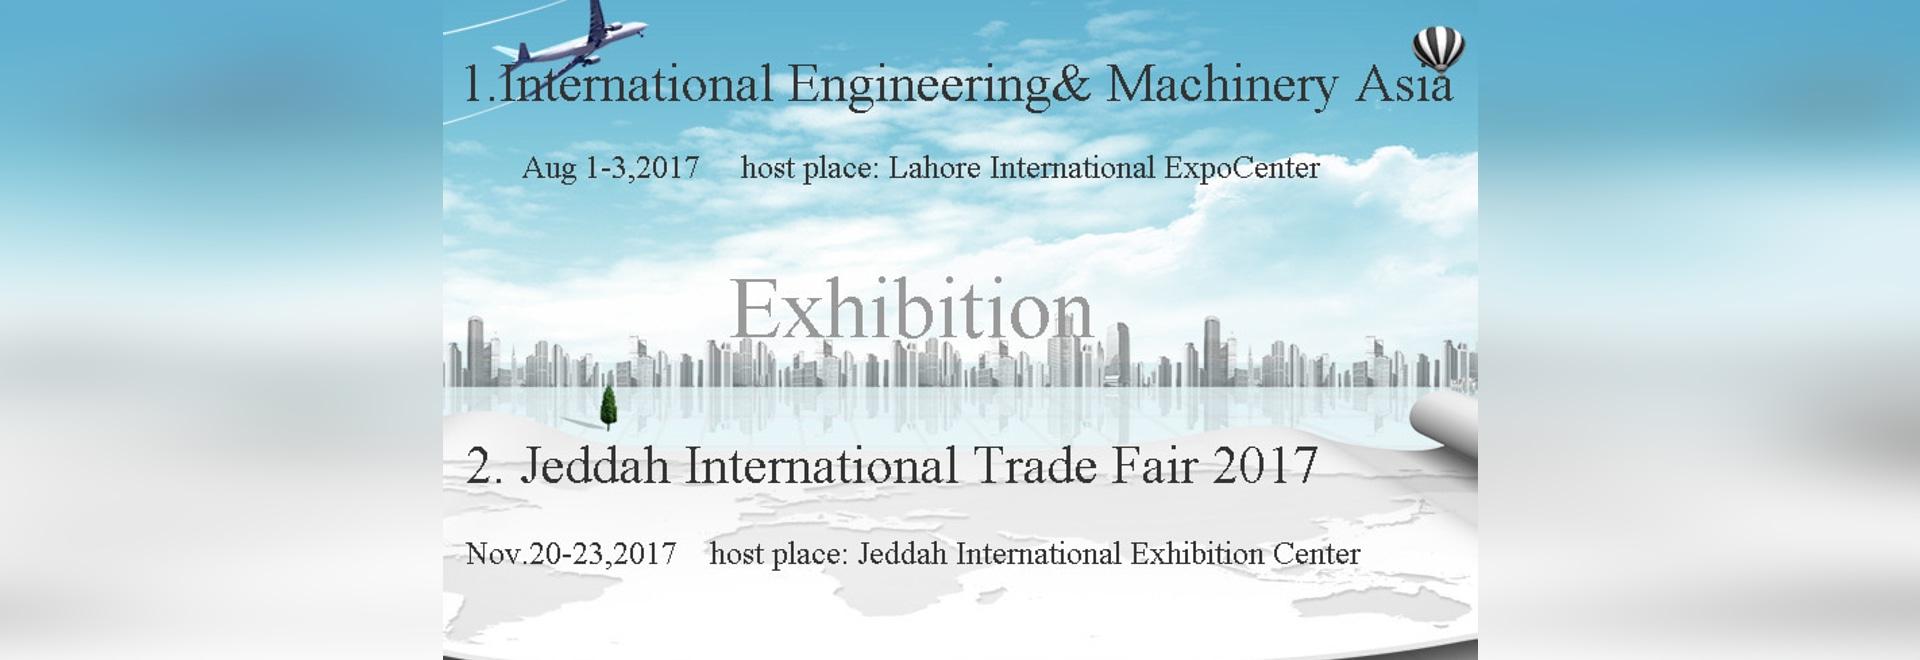 Organizaremos exposiciones en el Brasil, Paquistán, la Arabia Saudita